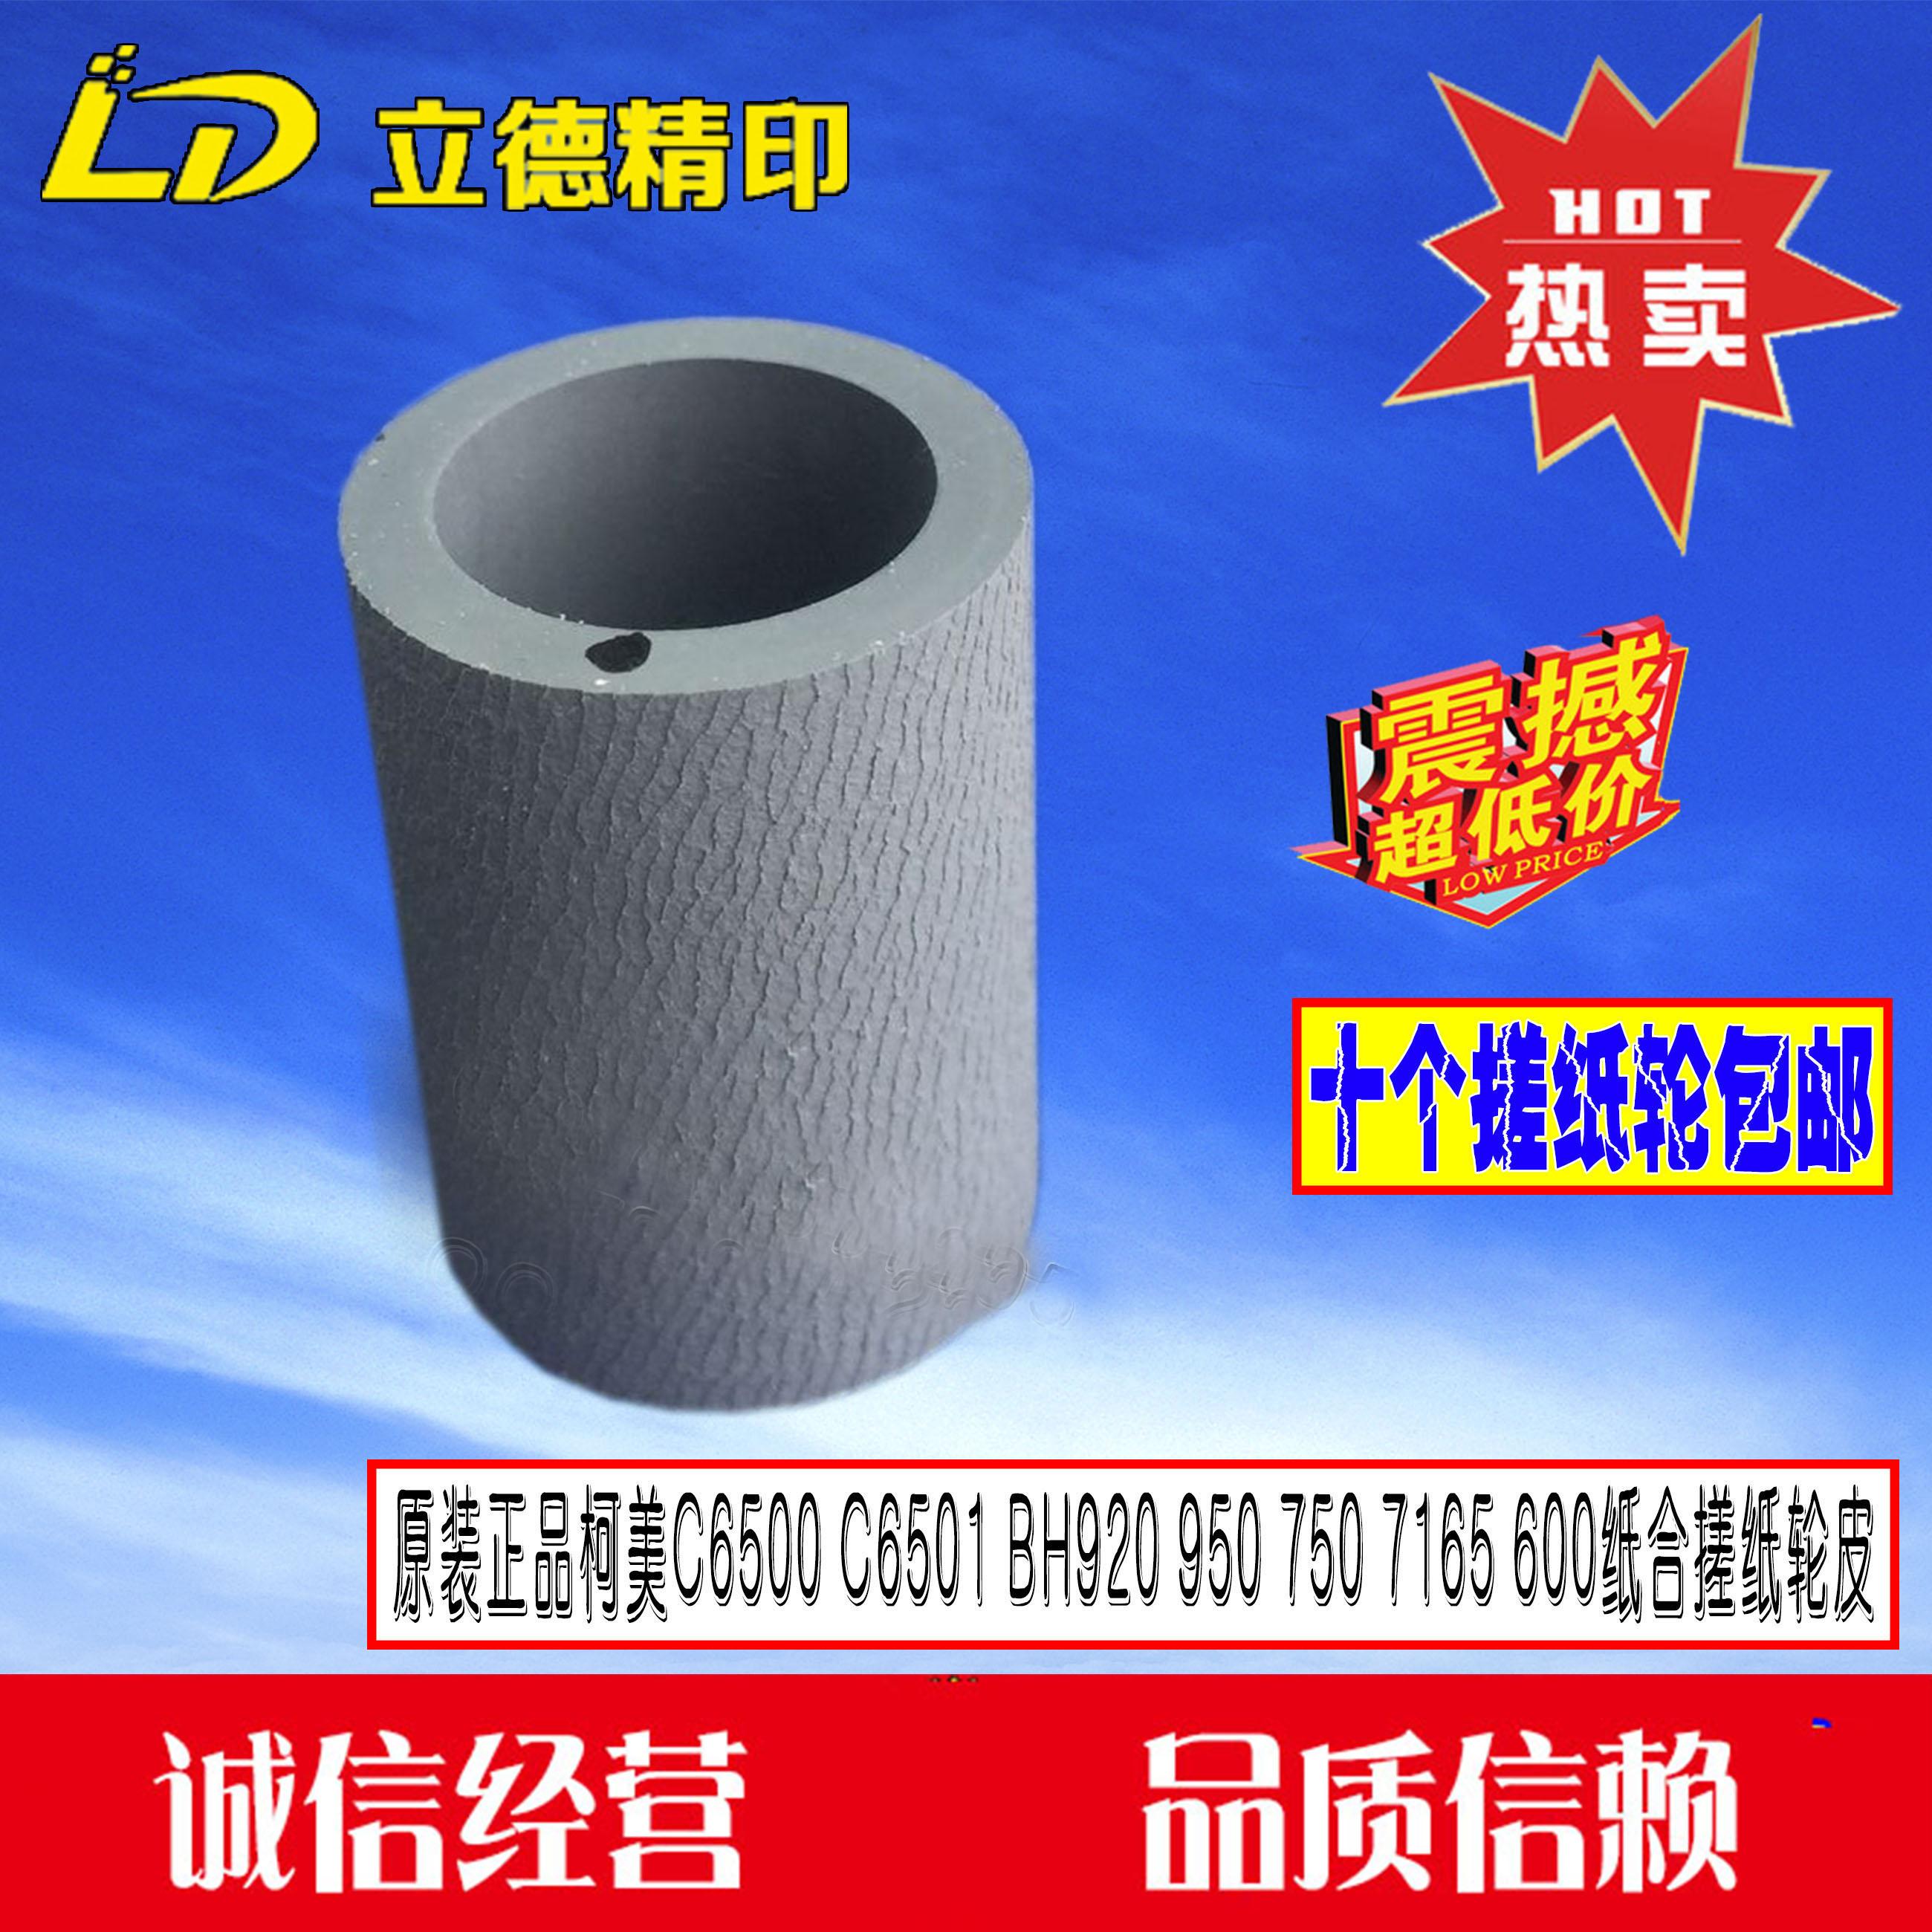 Оригинал топорище прекрасный C6500 6501 6000 7000 8000 920 950 1060 бумага близко твист бумага круглый кожа